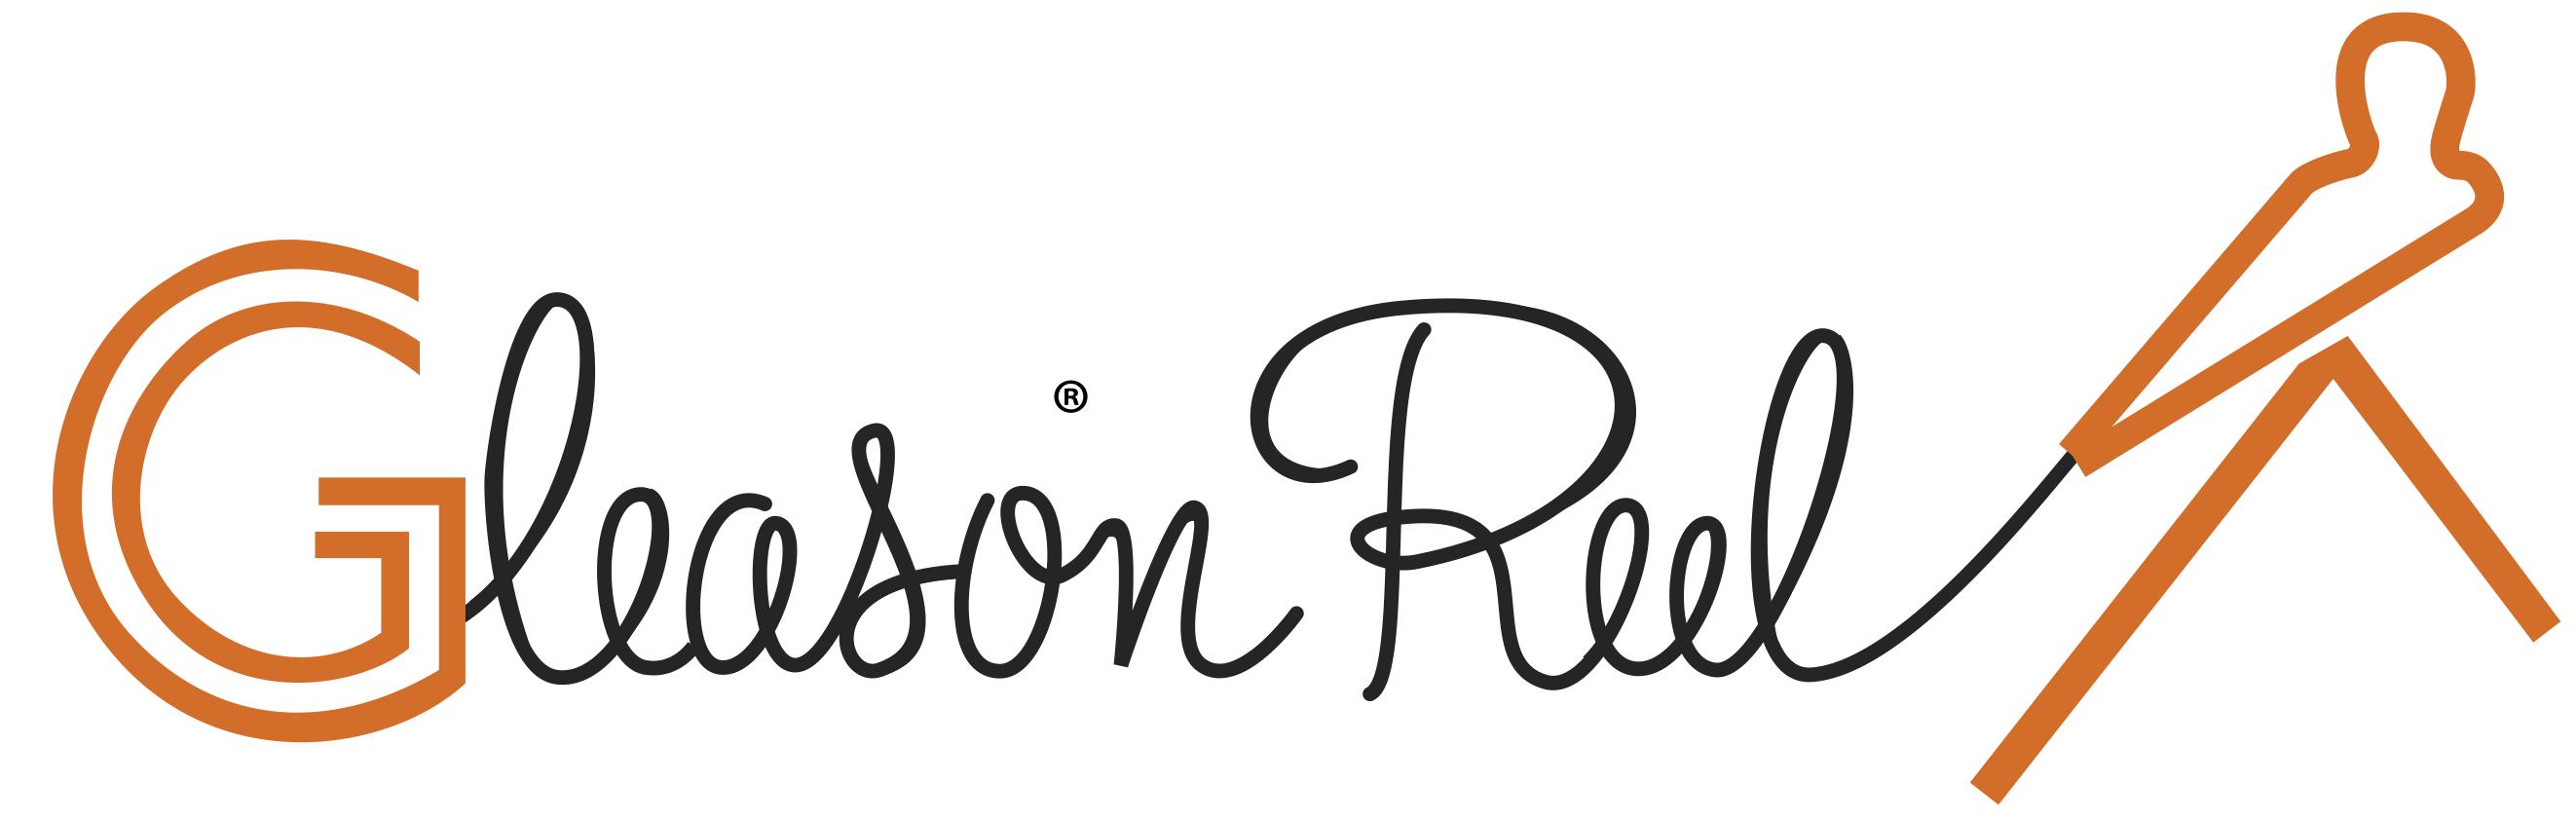 Productos Gleason Reel